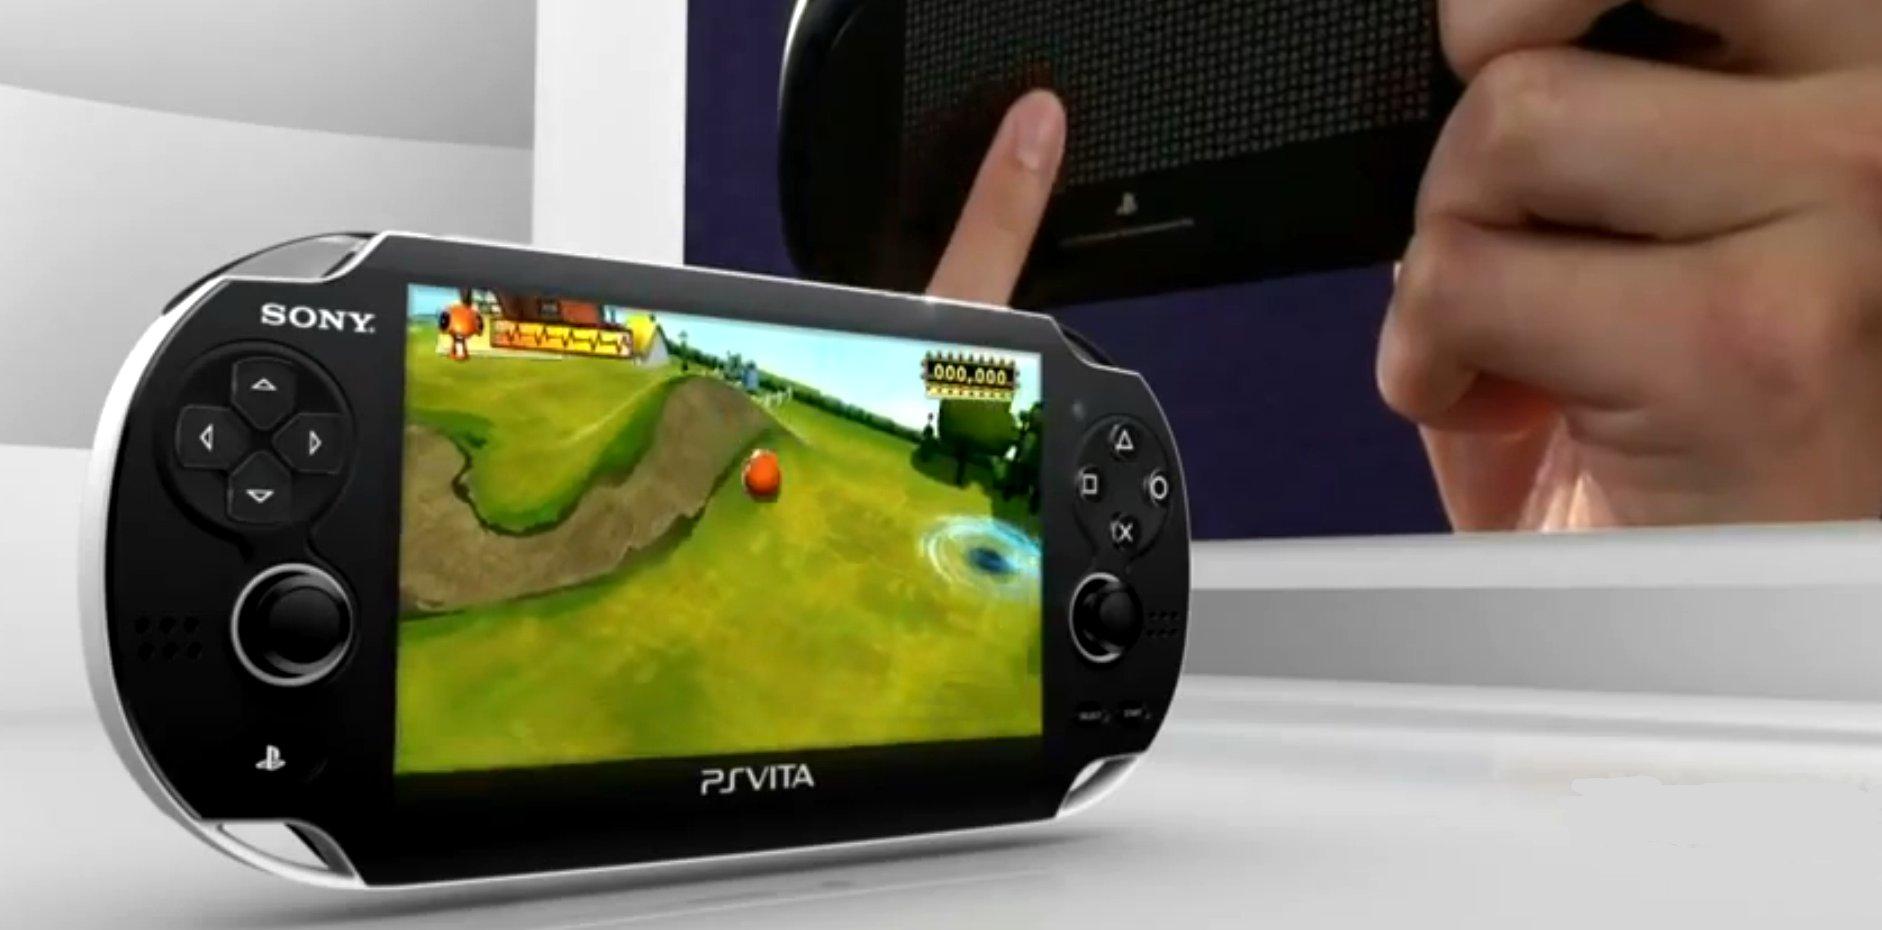 Ps vita la console portable nouvelle d finition - Ps vita test de la console ...